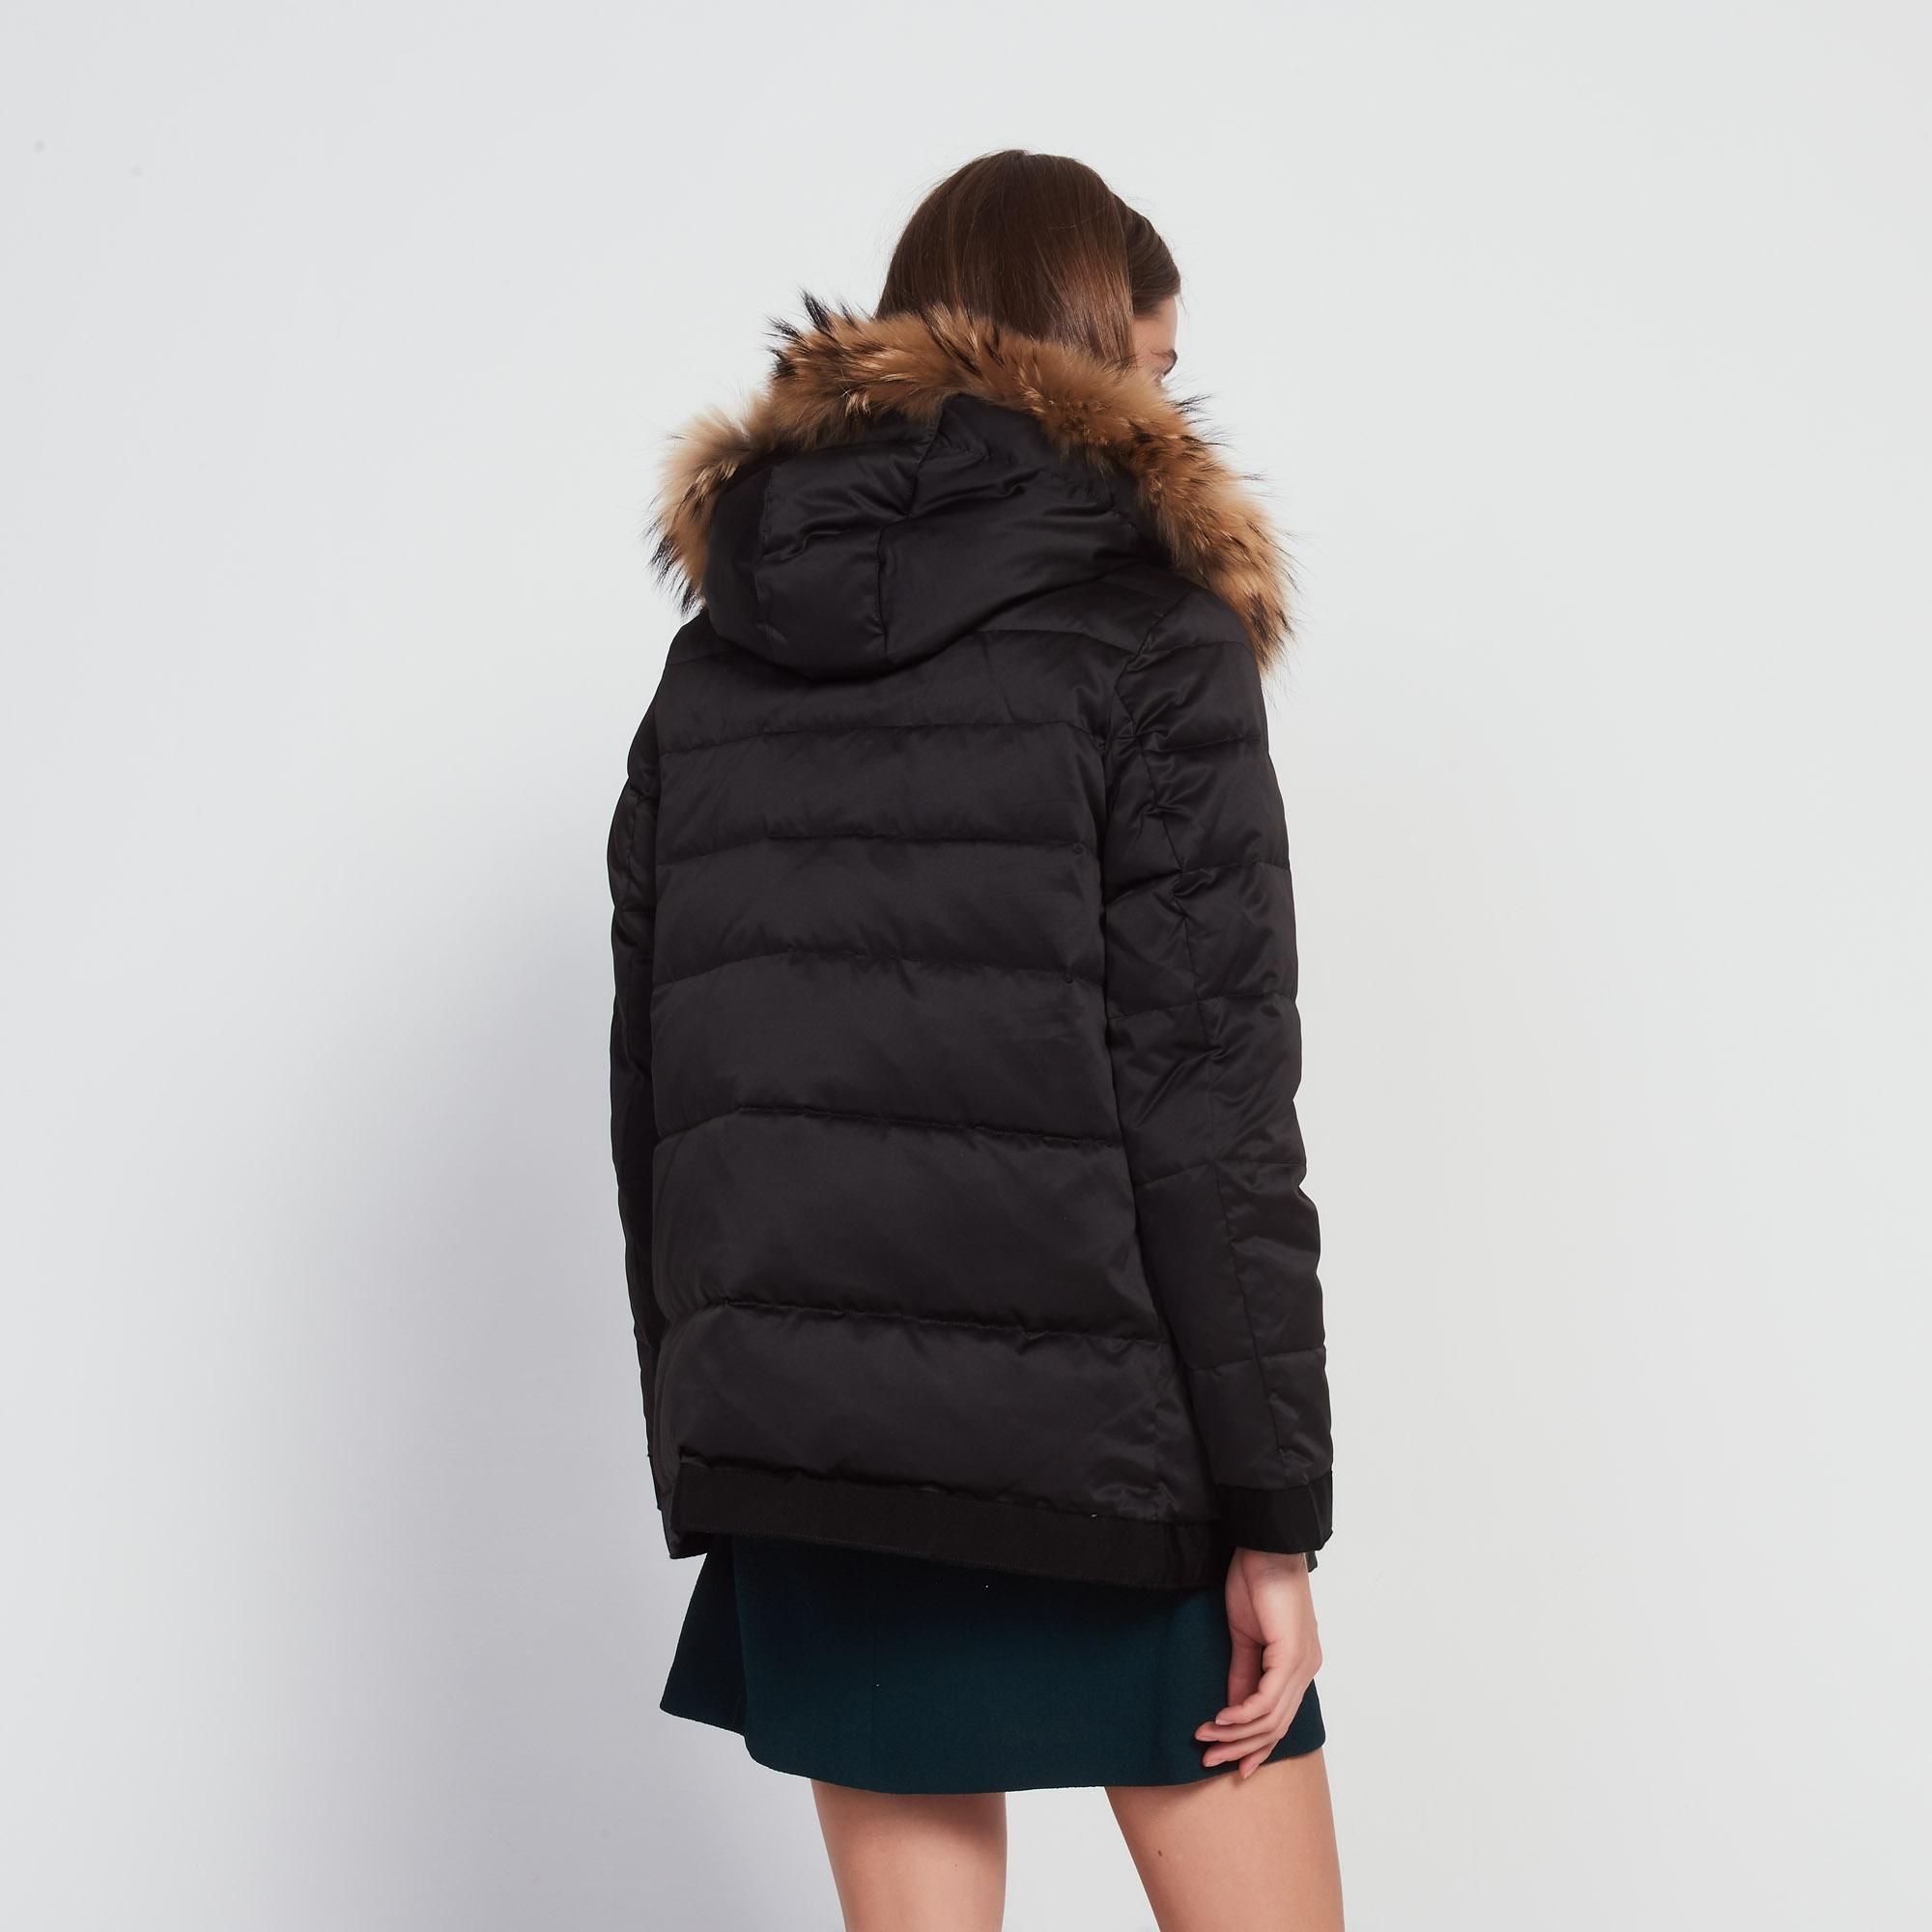 manteau avec d tails en gros grain m9592h vente au personnel sandro paris. Black Bedroom Furniture Sets. Home Design Ideas